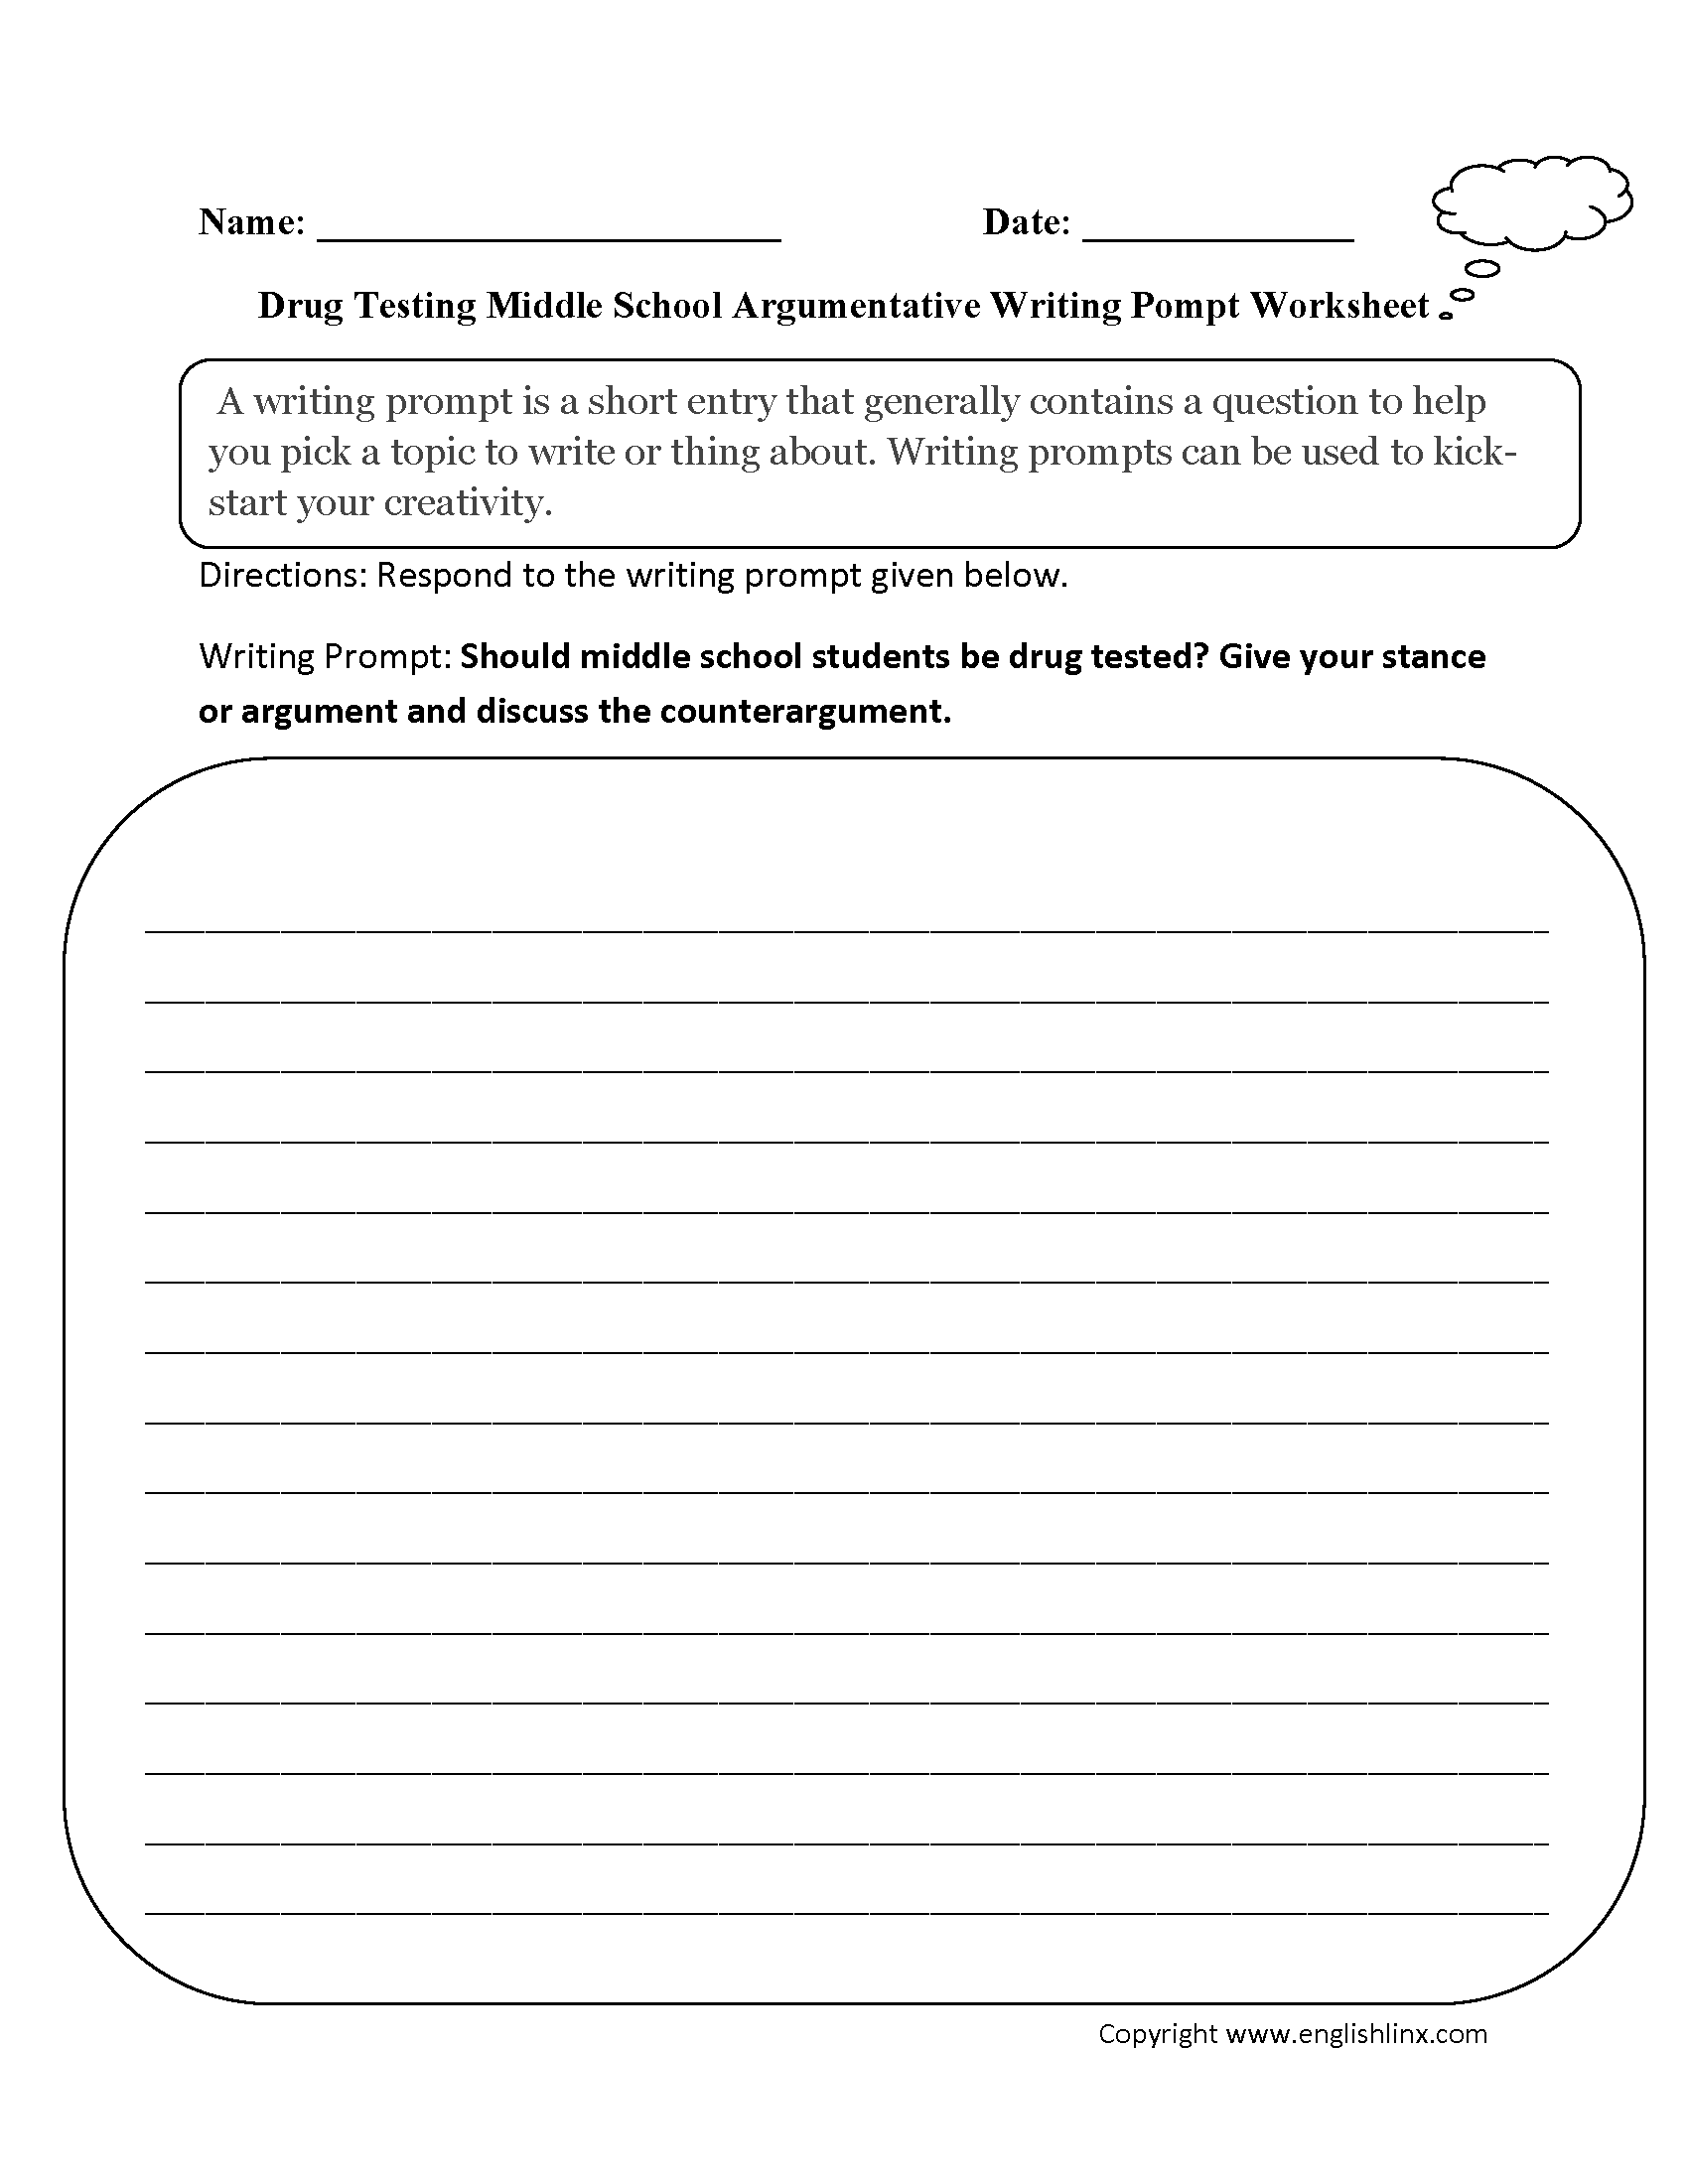 Drug Testing Argumentative Writing Prompts Worksheets